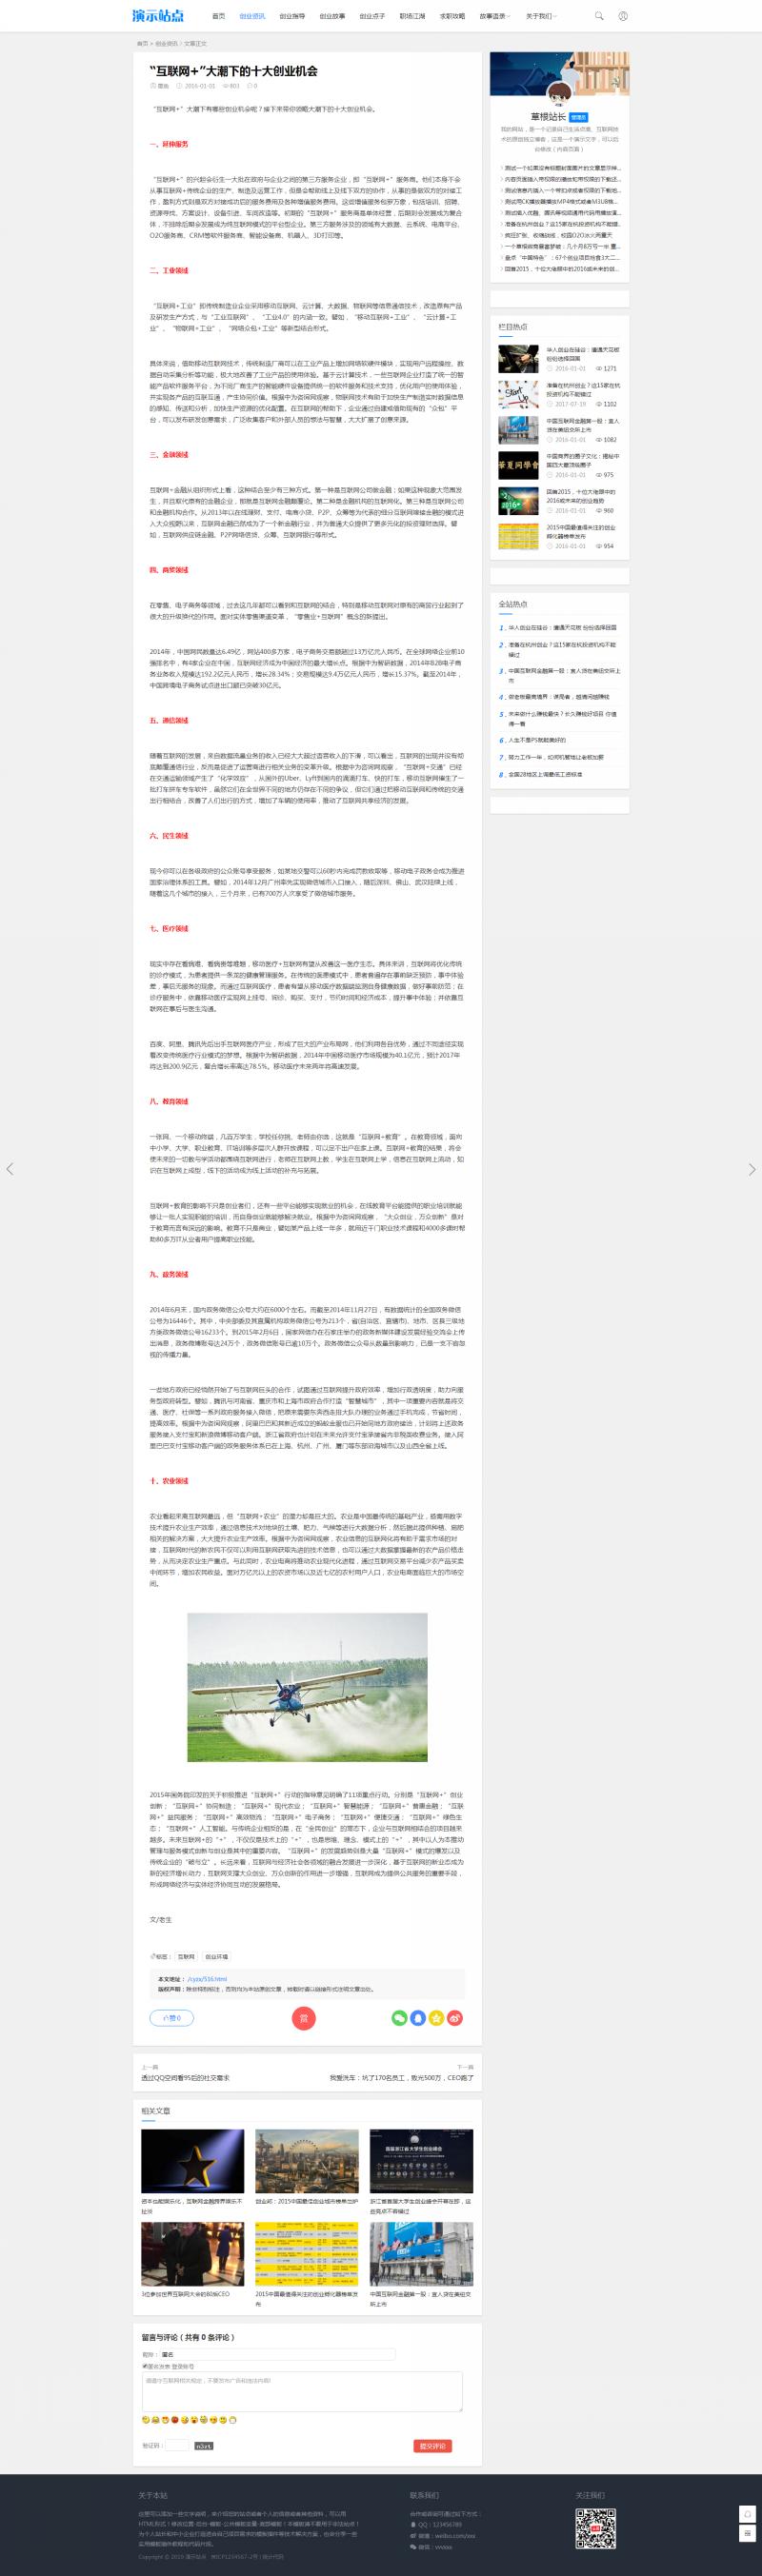 文章内容页.jpg [DG-017]帝国CMS模板整站视频收费播放下载新闻资讯门户自适应手机HTML5 博客文章 第3张